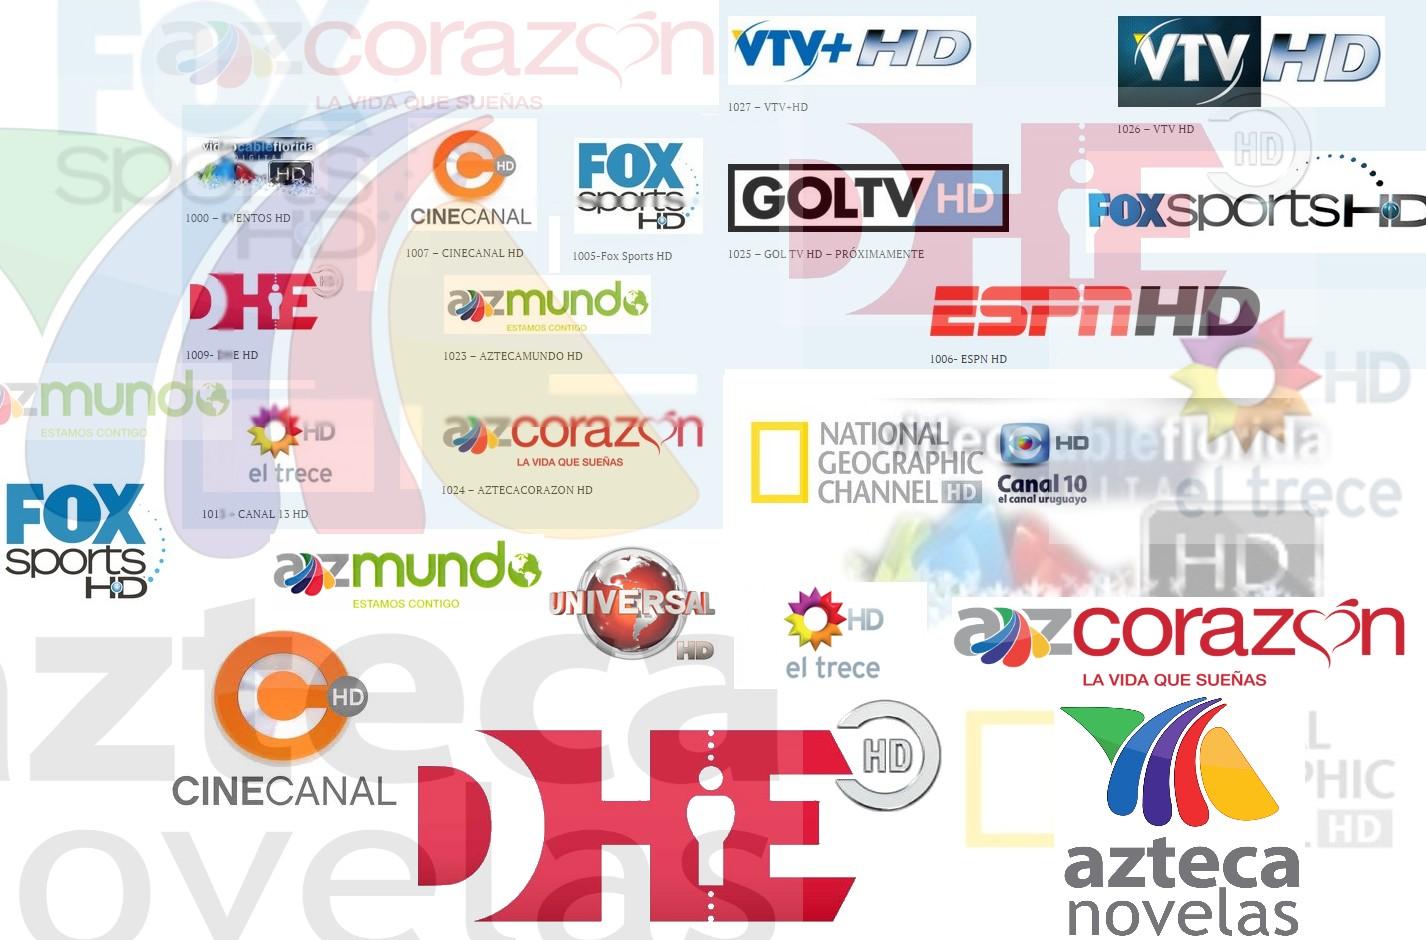 Florida es más HD con Video Cable Florida Digital